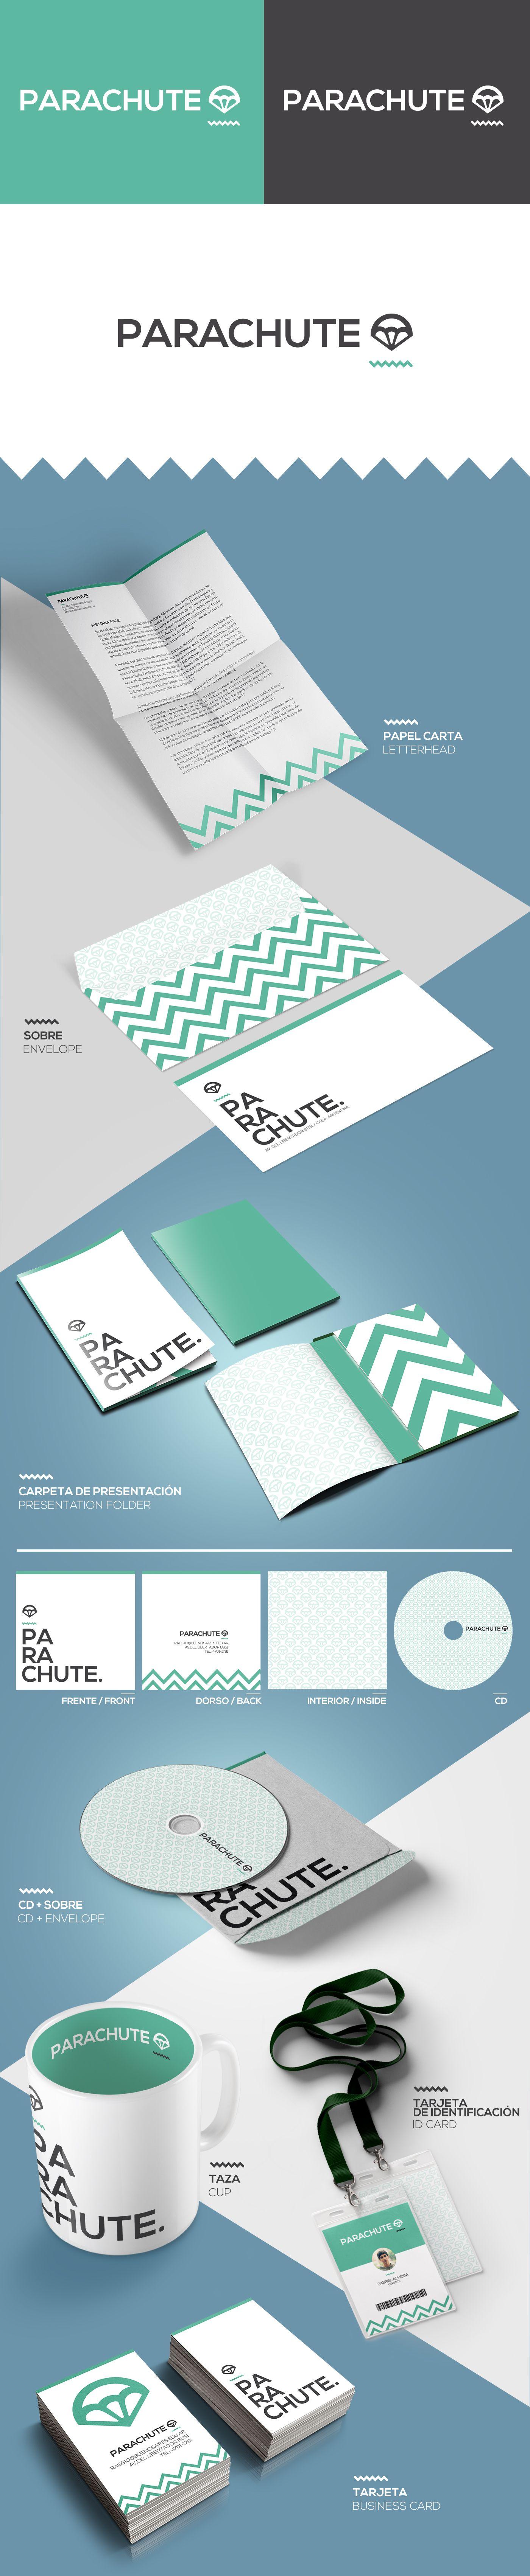 Parachute Diseno De Logo Y Marca Branding By Tomas Gesto Y Gabriel Almeida Http Be Net Gallery 50 Branding Design Graphic Design Logo Visual Branding